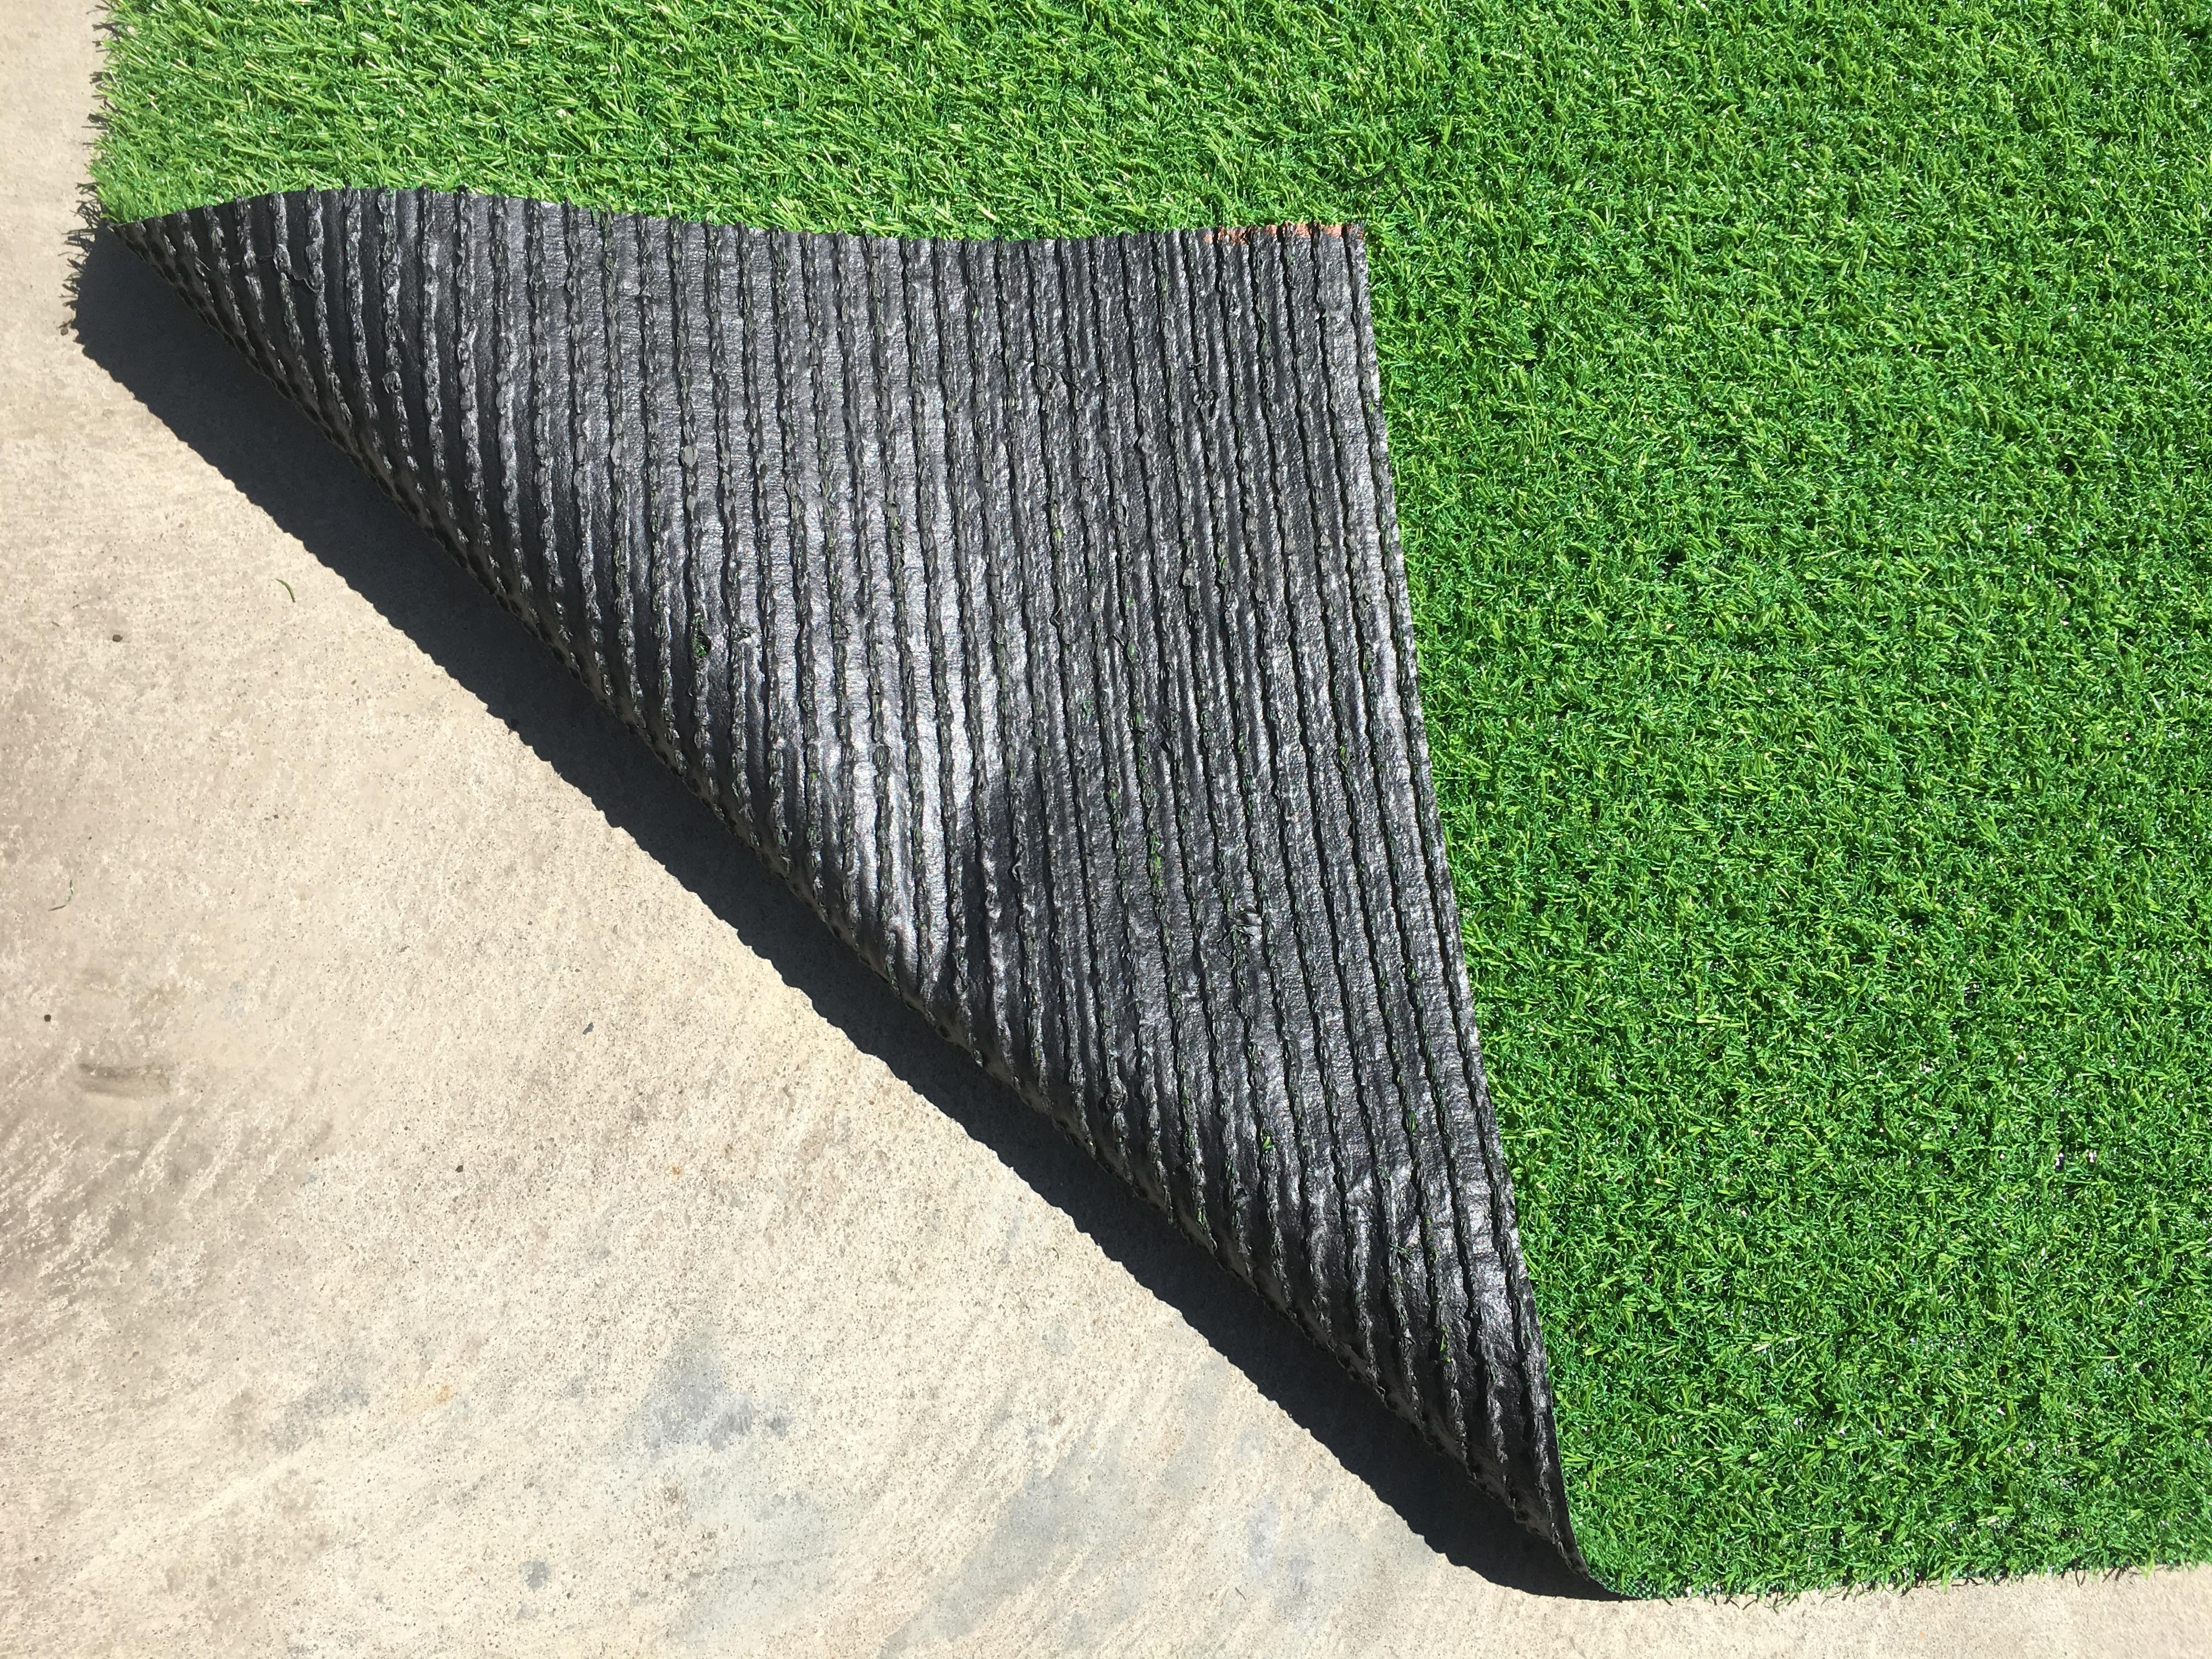 Covor Iarba Artificiala, Tip Gazon, Verde, Tropicana, 100% Polipropilena, 10 mm, 100x400 cm 2